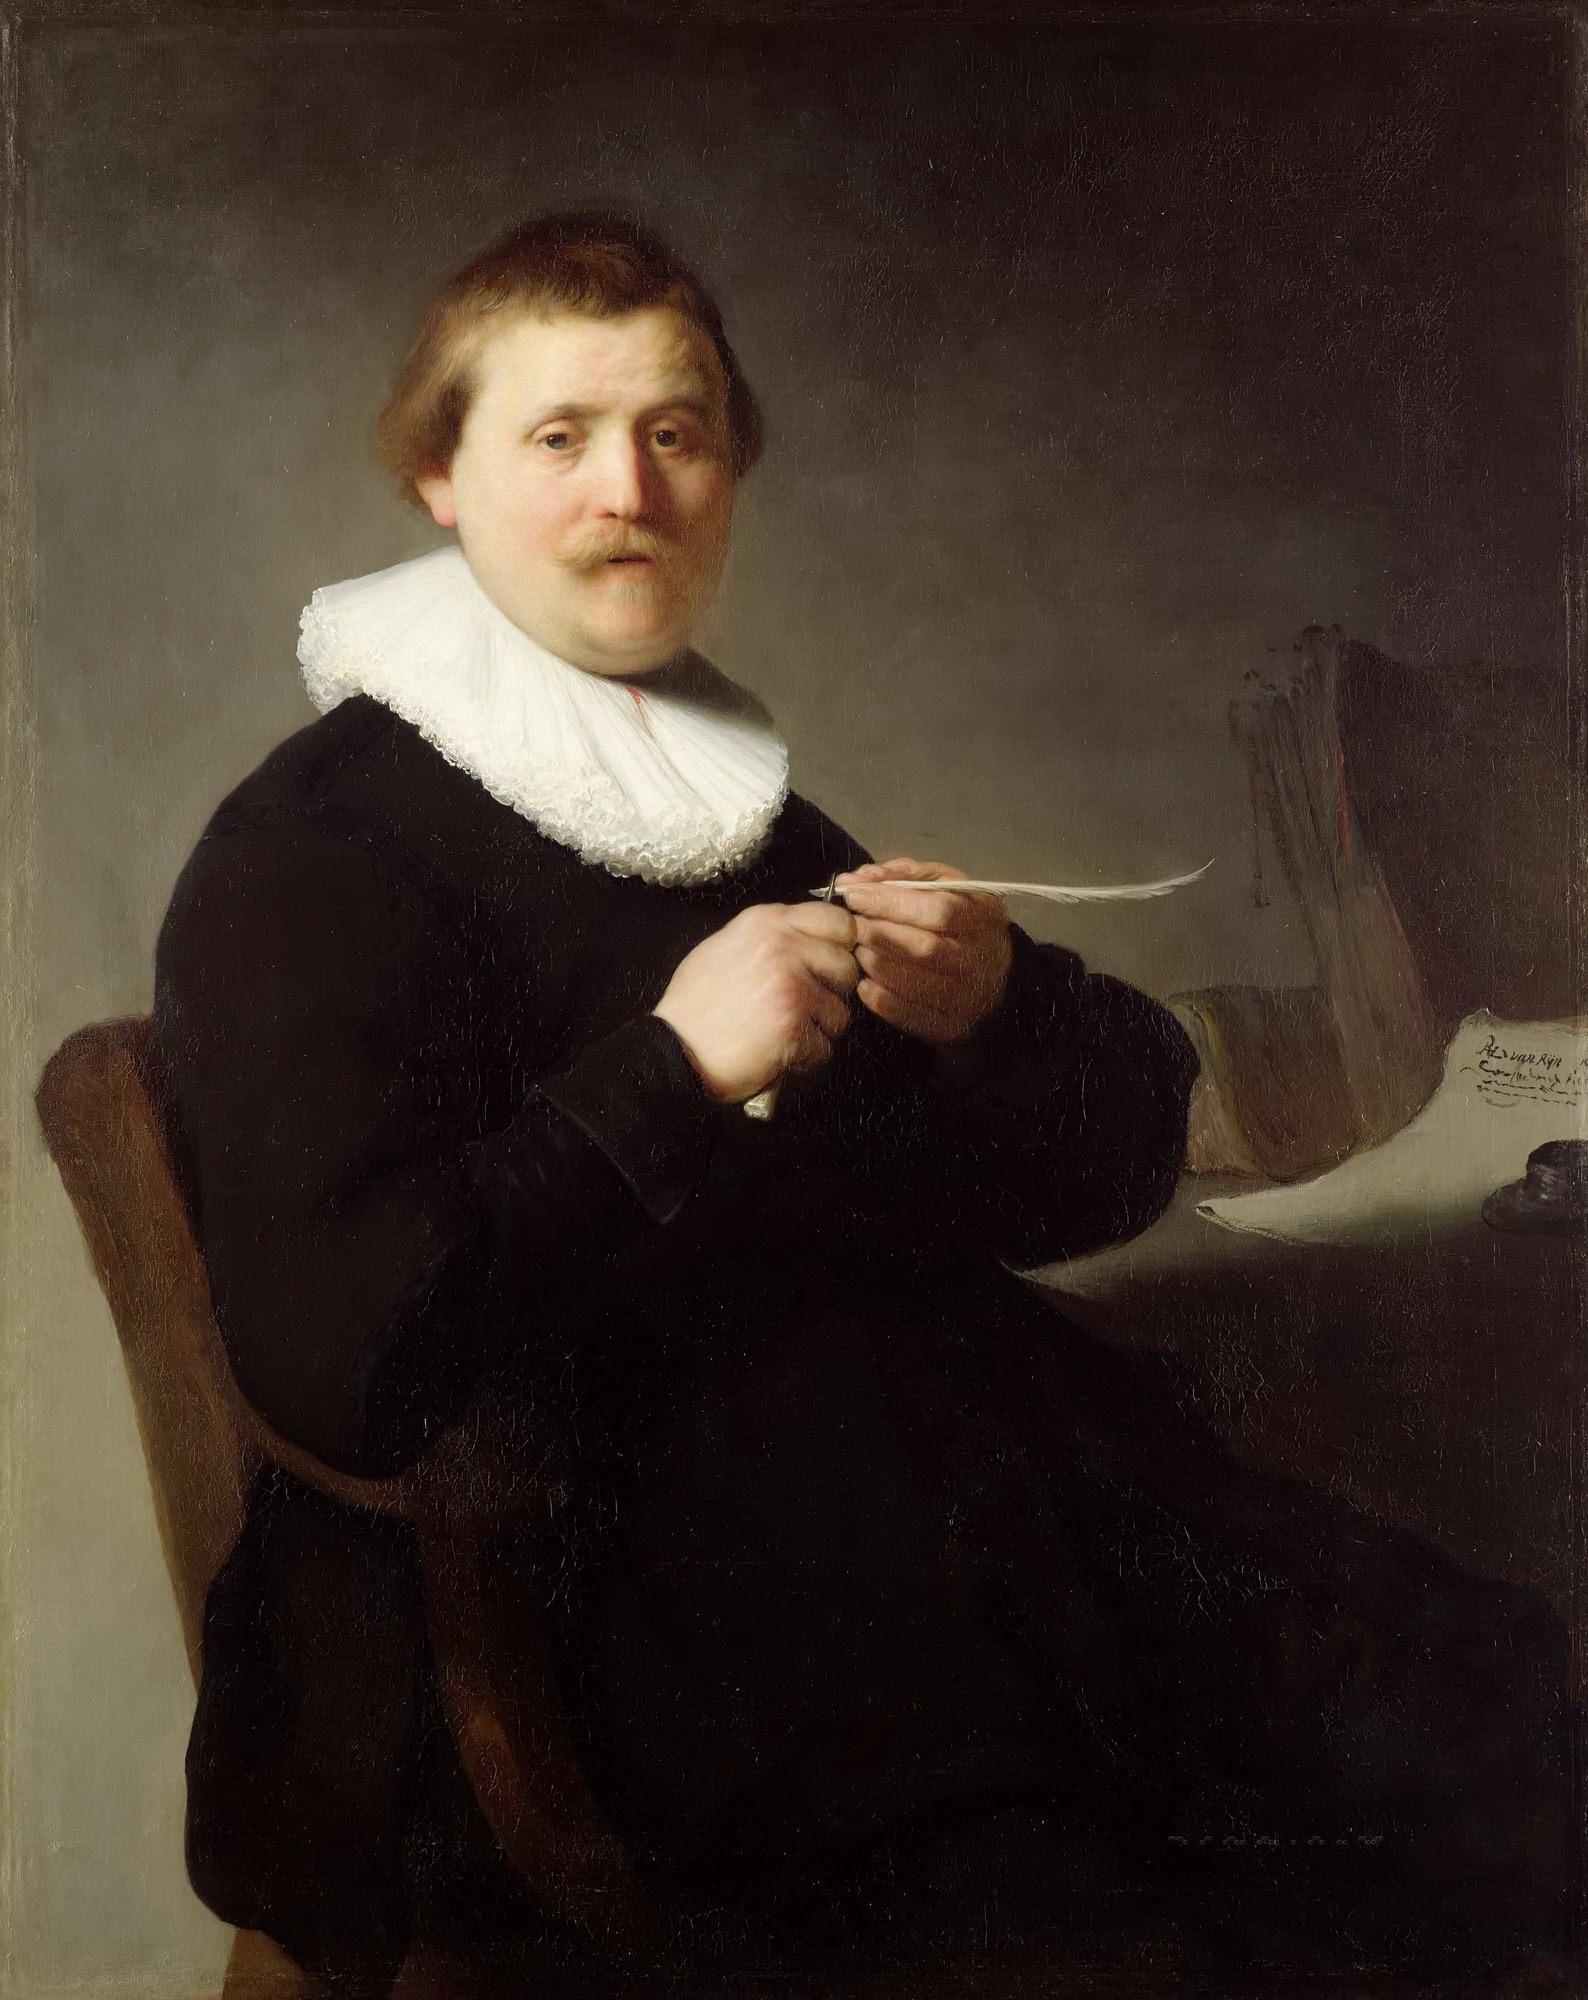 Обои холст, картина, Натюрморт с Кубком Флейтой Глиняным Кувшином, Ян Янс ван де Вельде III, и Курительными Трубками. Разное foto 14